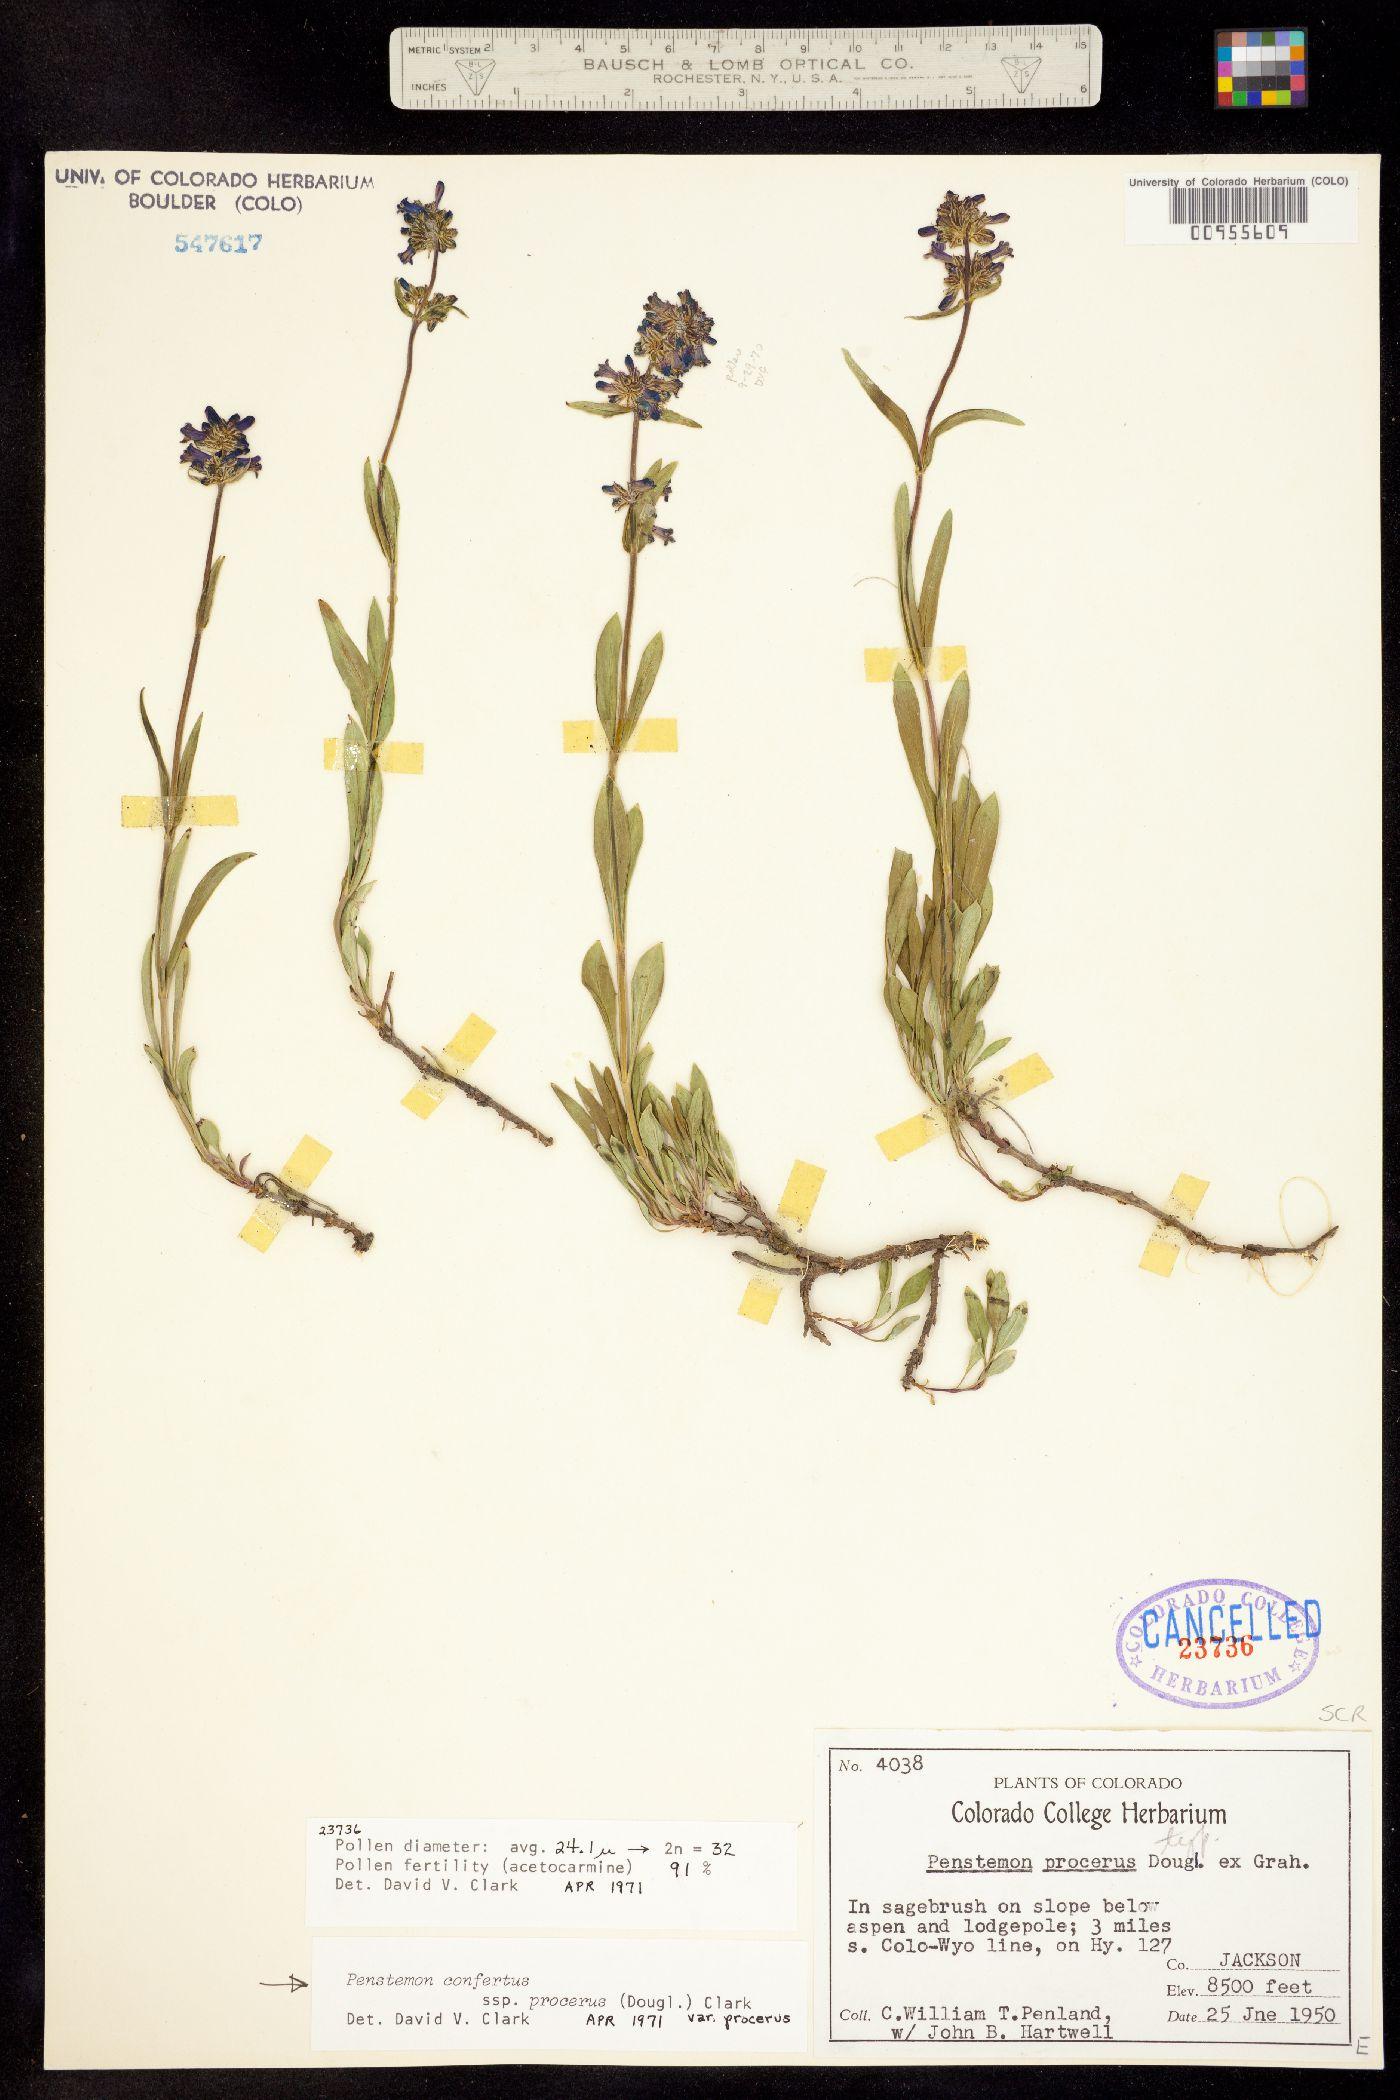 Penstemon confertus ssp. procerus image